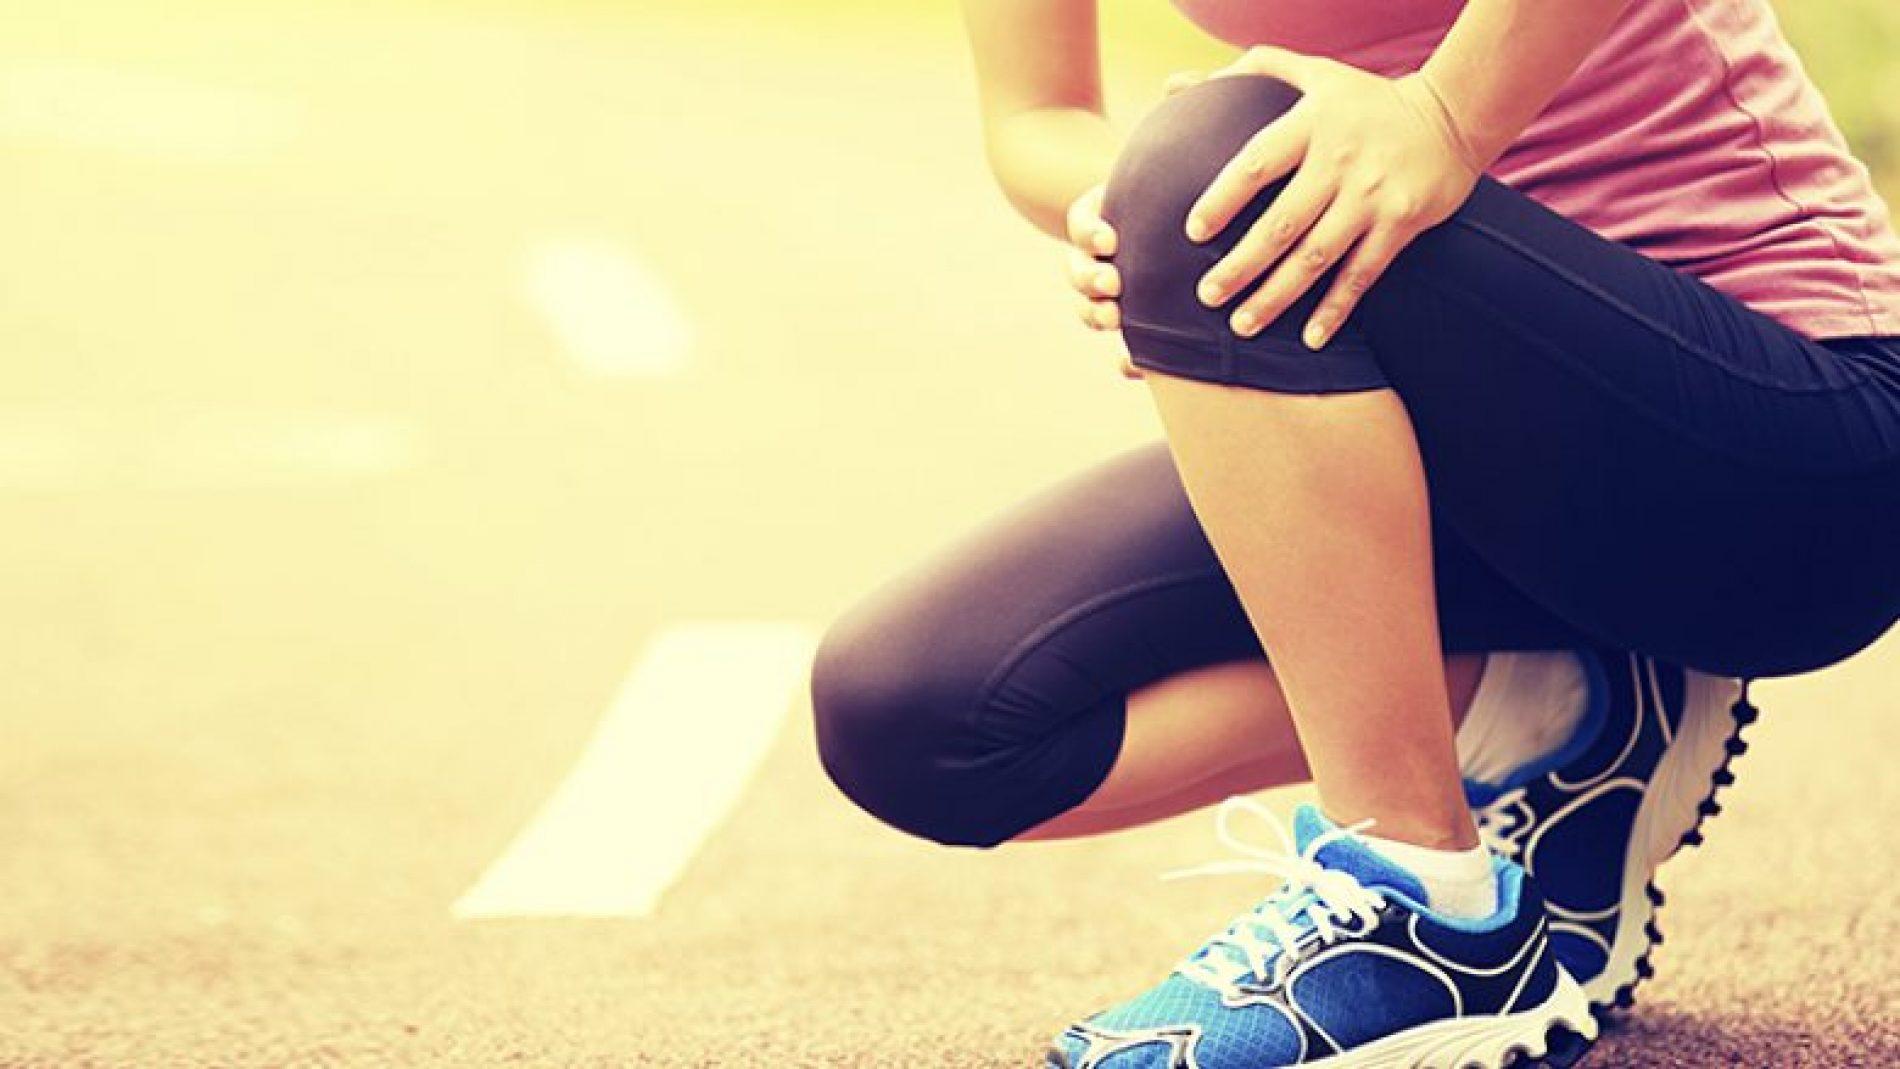 A është vrapimi i dëmshëm për nyejt?